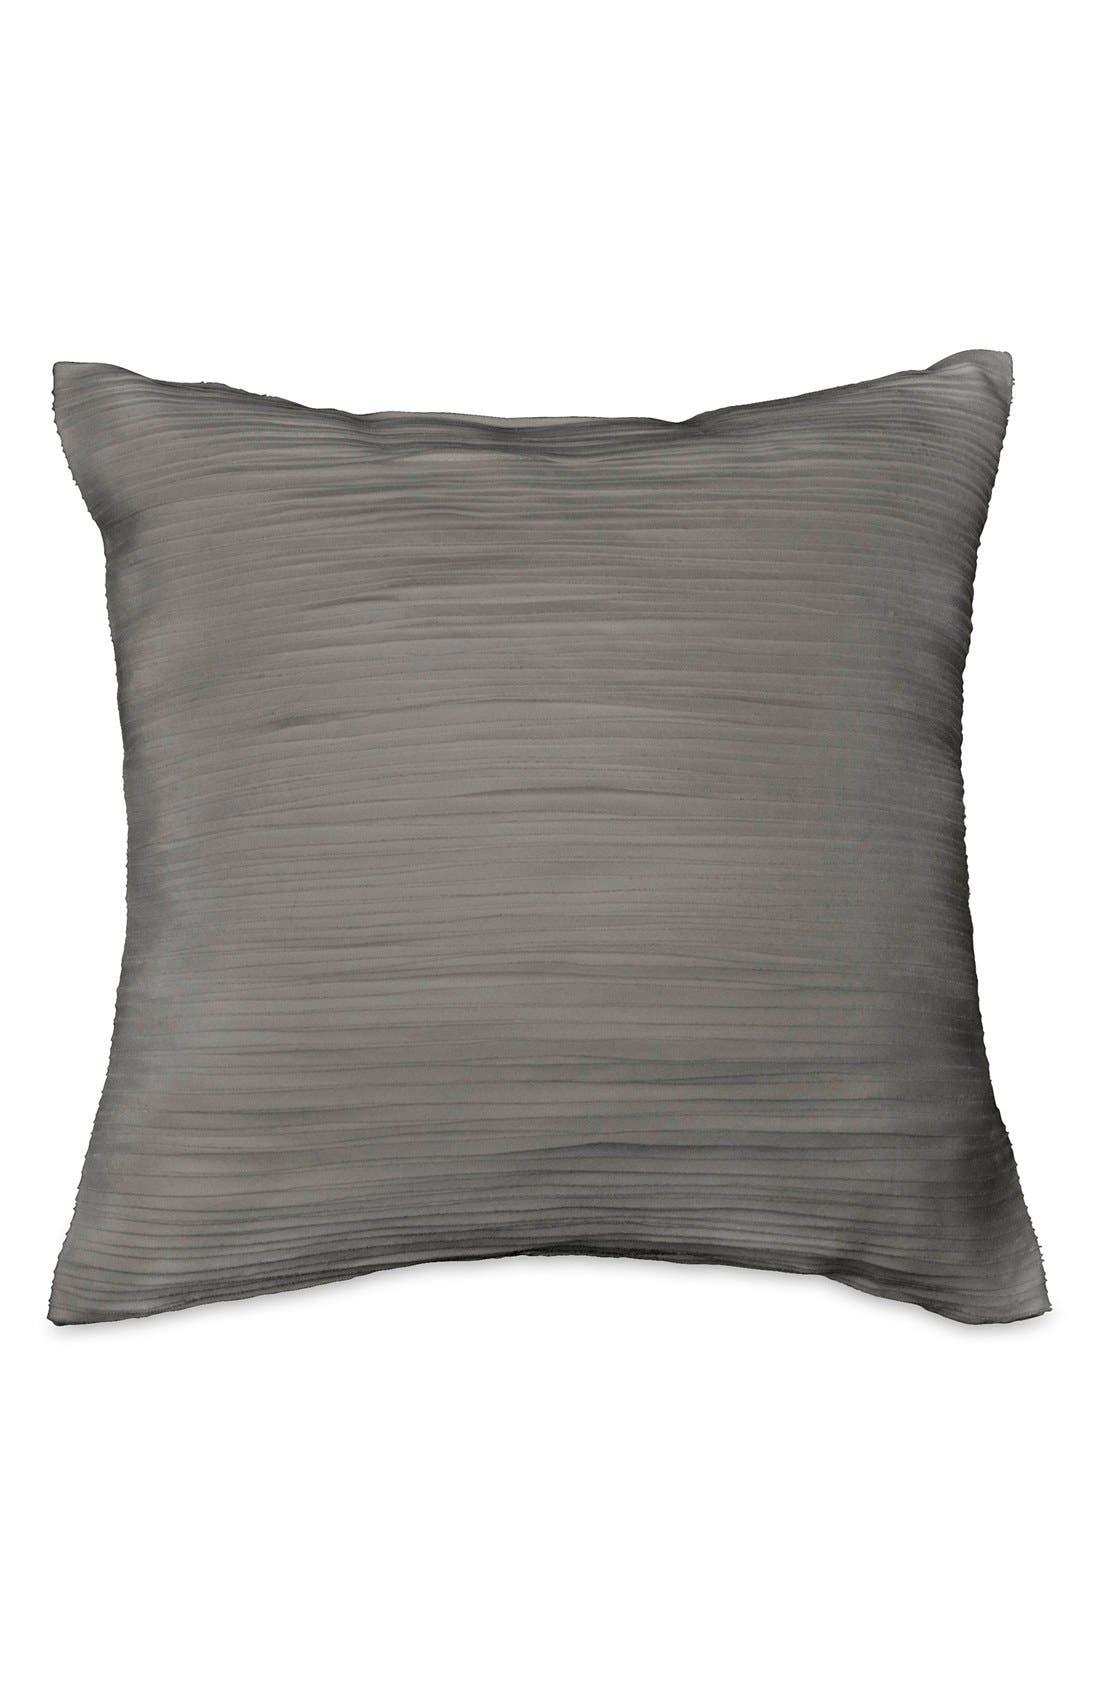 Donna Karan Collection 'Silk Essentials' Pillow